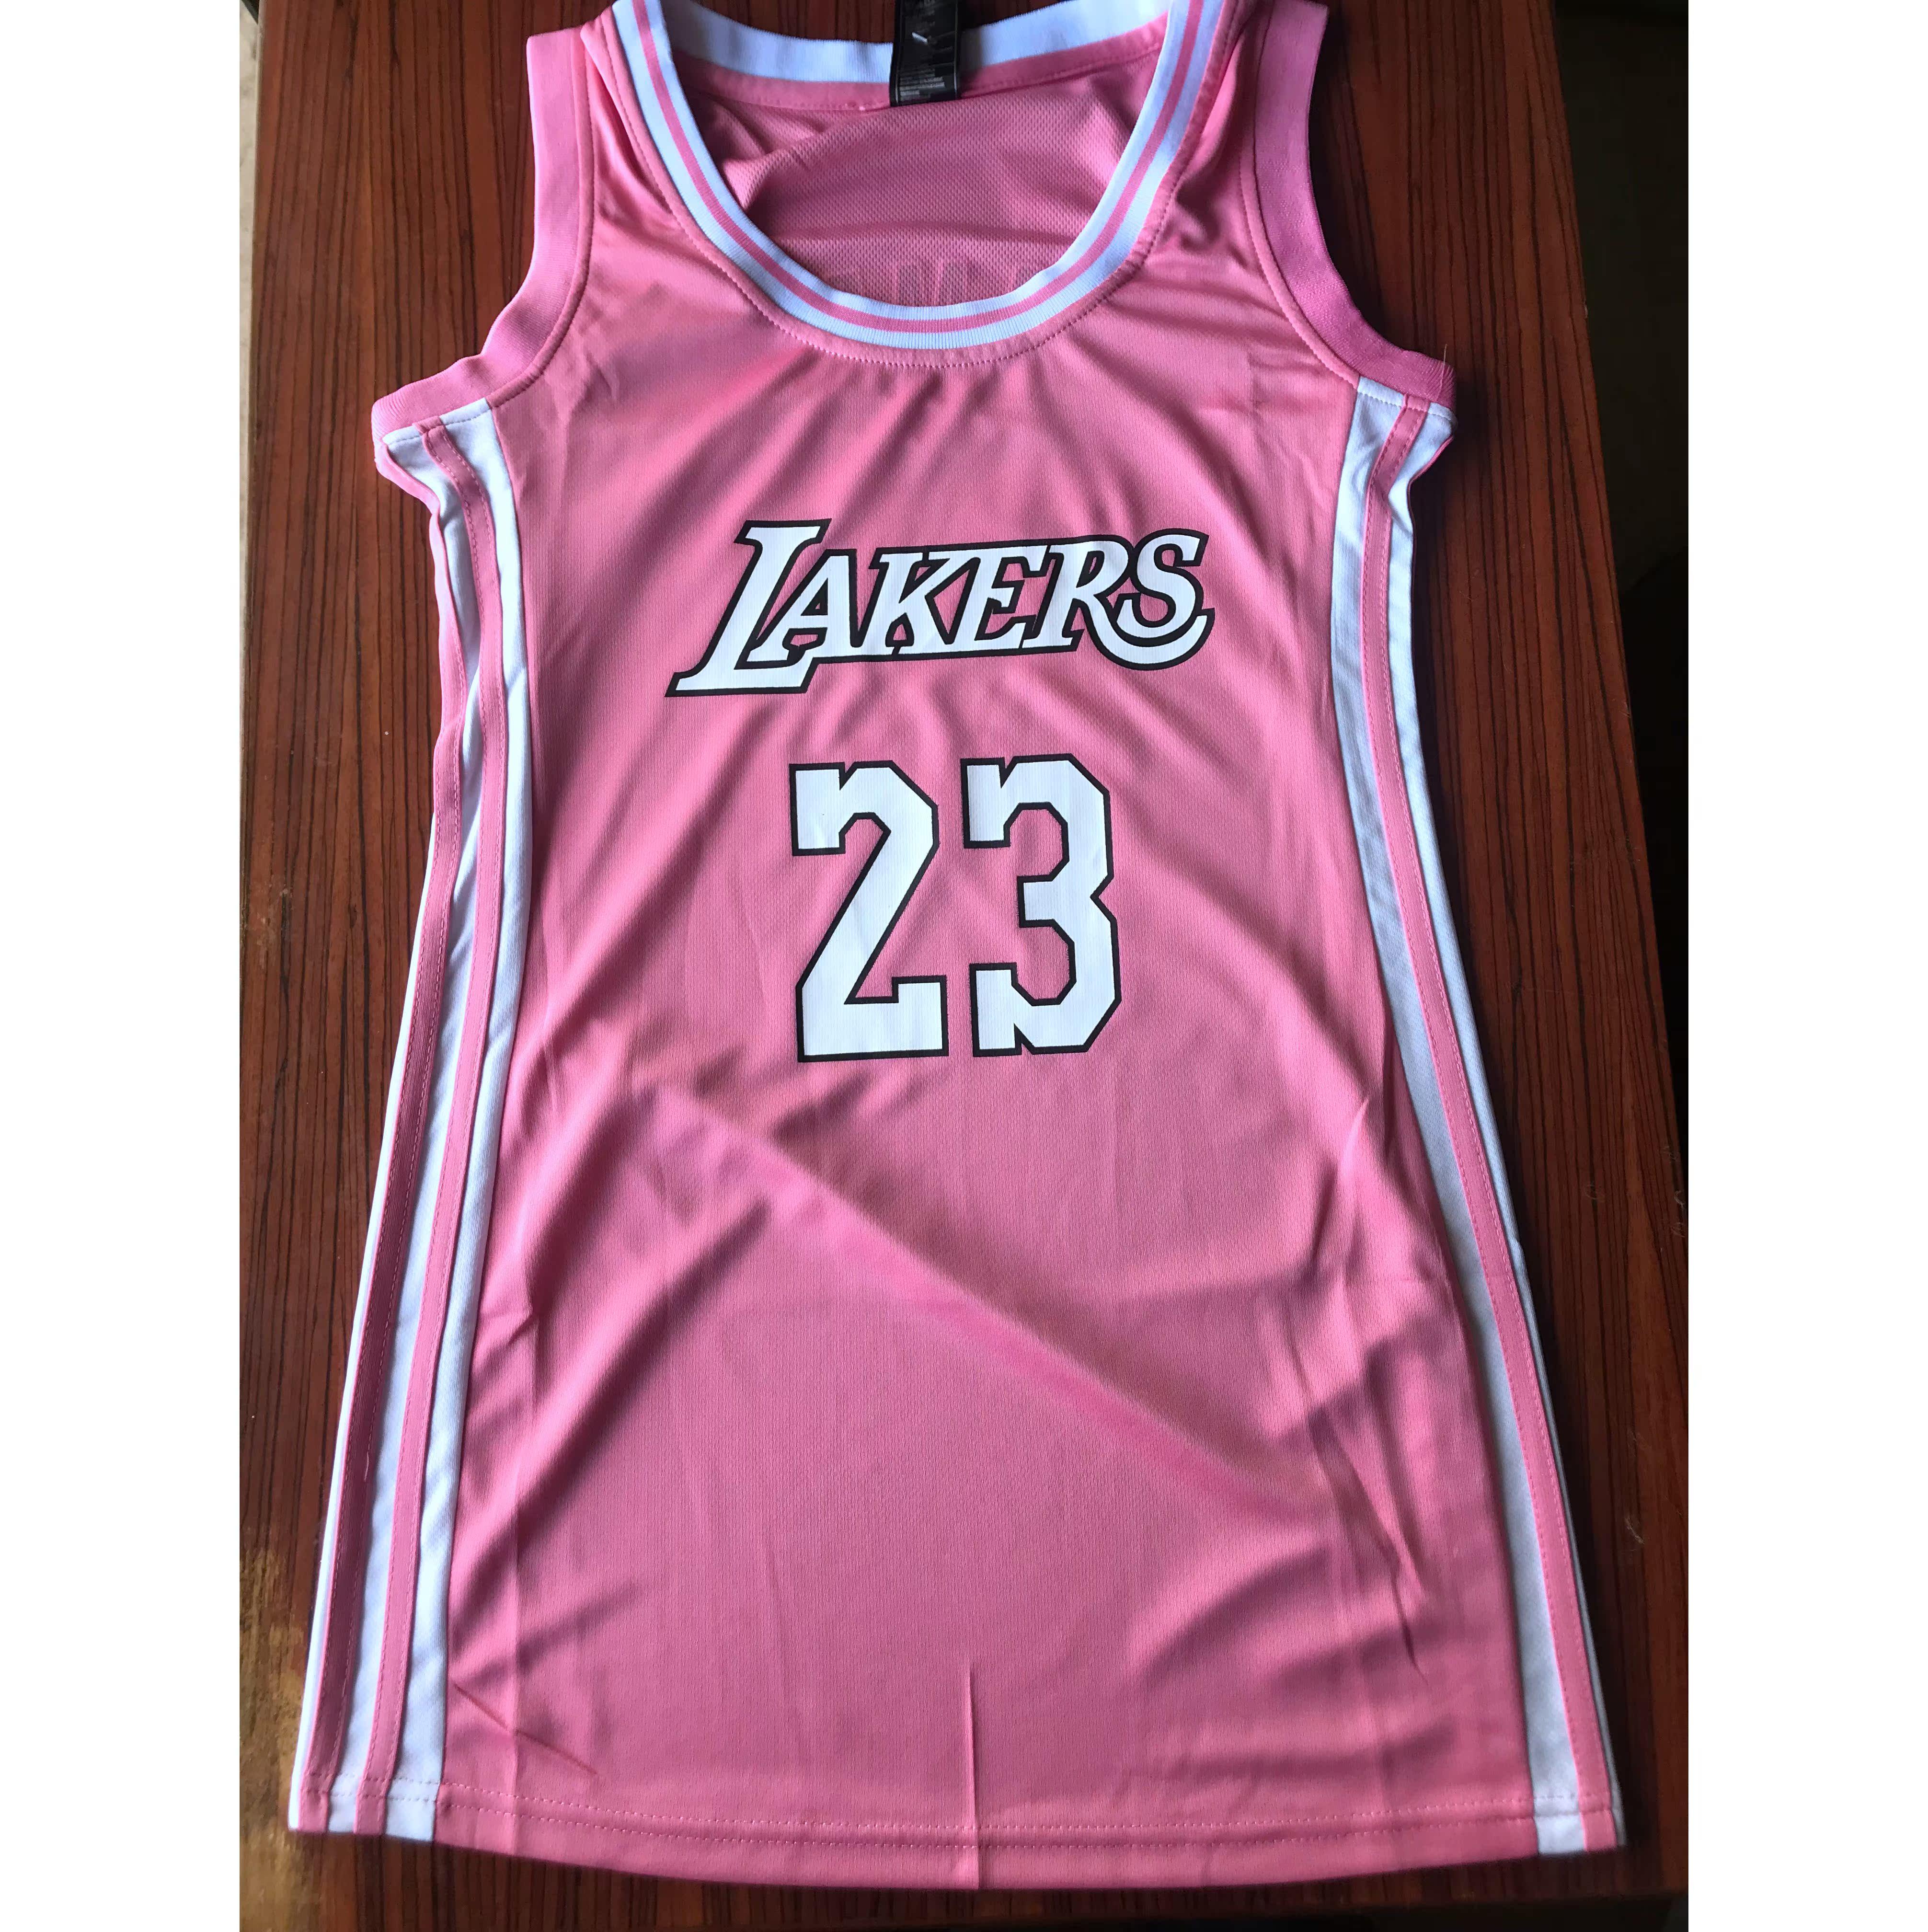 88.00元包邮队23号詹姆斯女生修身性感篮球服